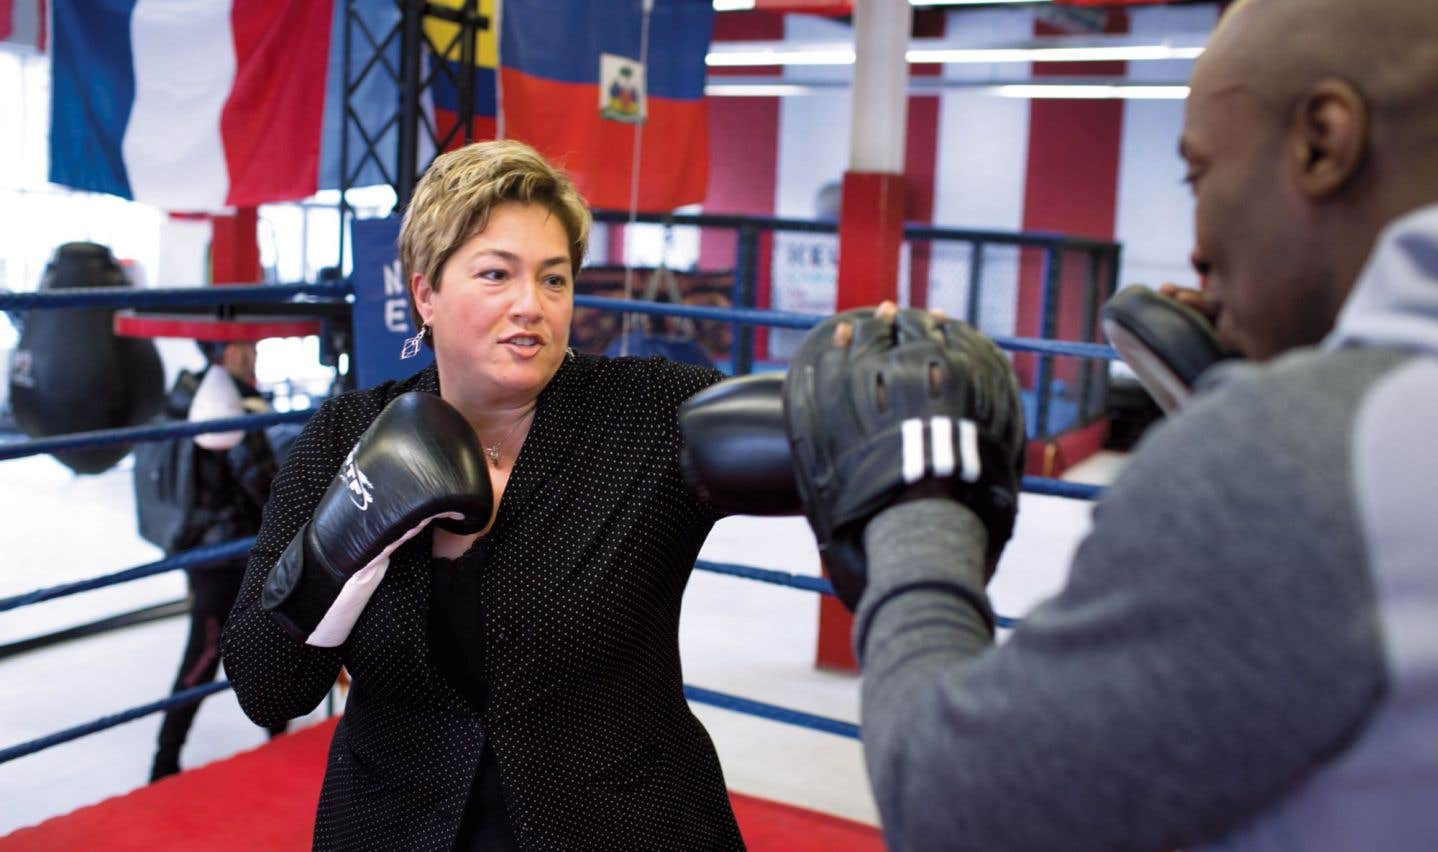 La mairesse Annie Samson n'a pas peur de mettre les gants pour défendre son arrondissement.